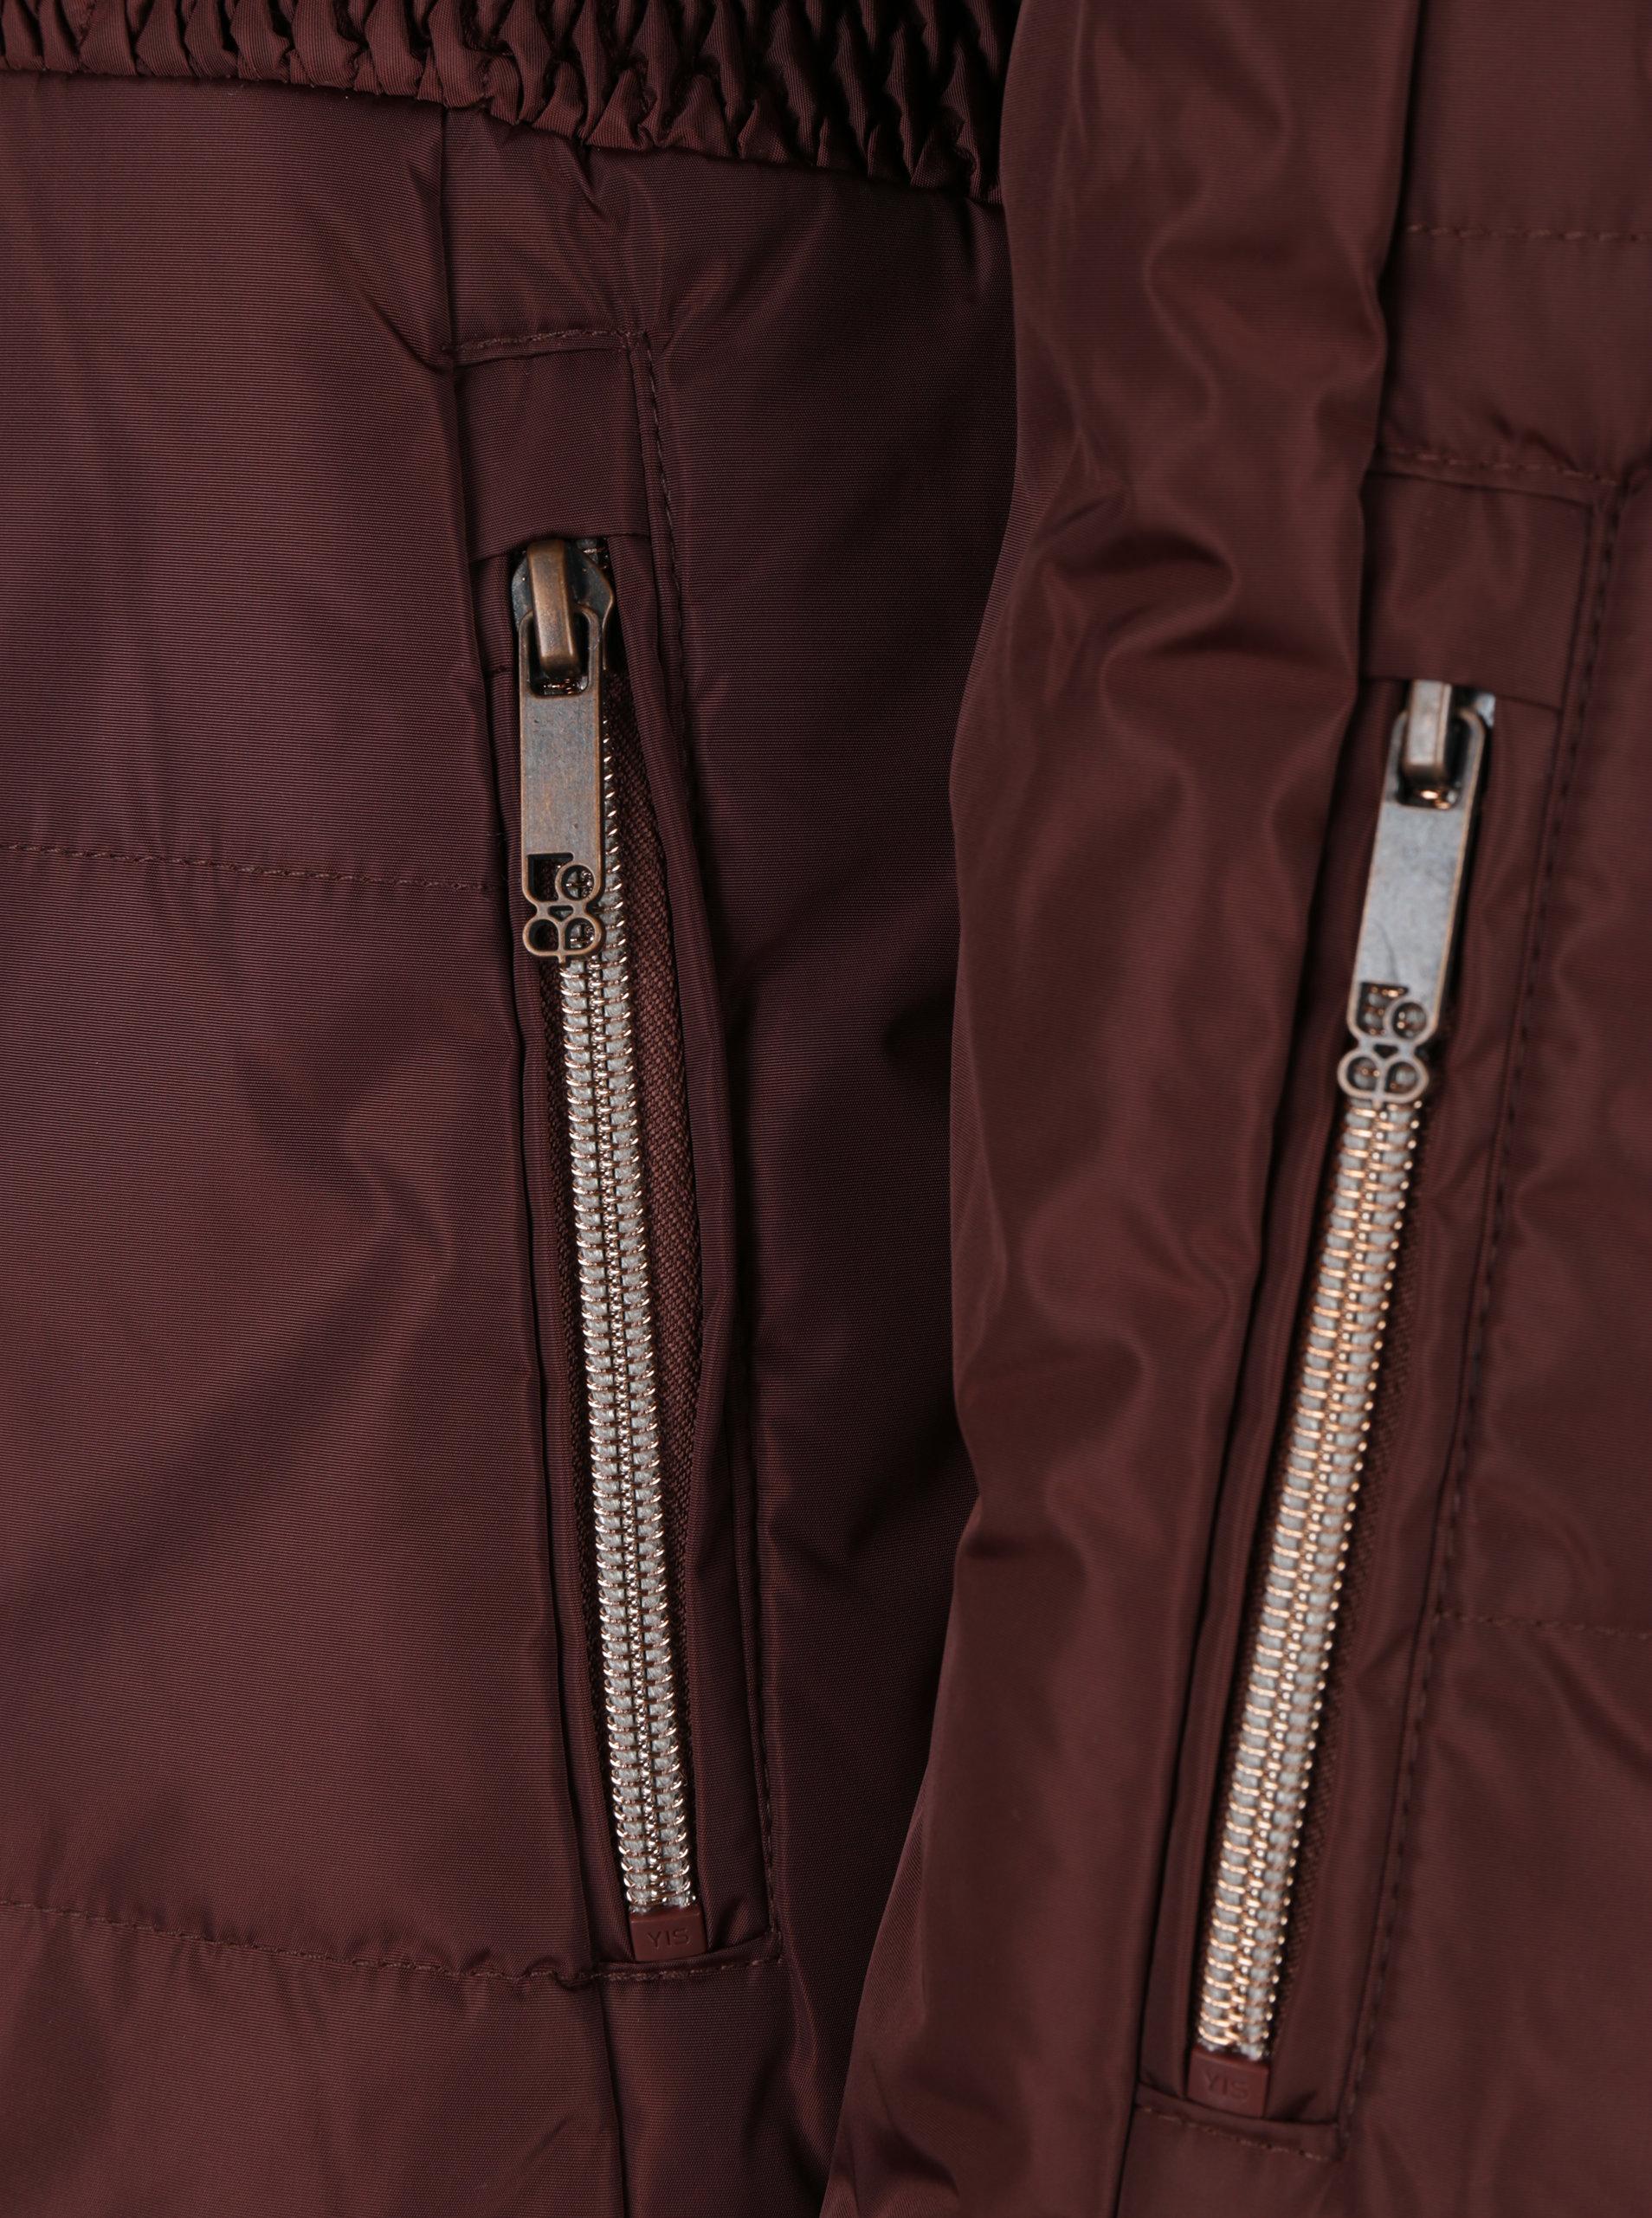 494b649376 Hnedá dámska lyžiarska funkčná vodovzdorná bunda LOAP Fabiana ...